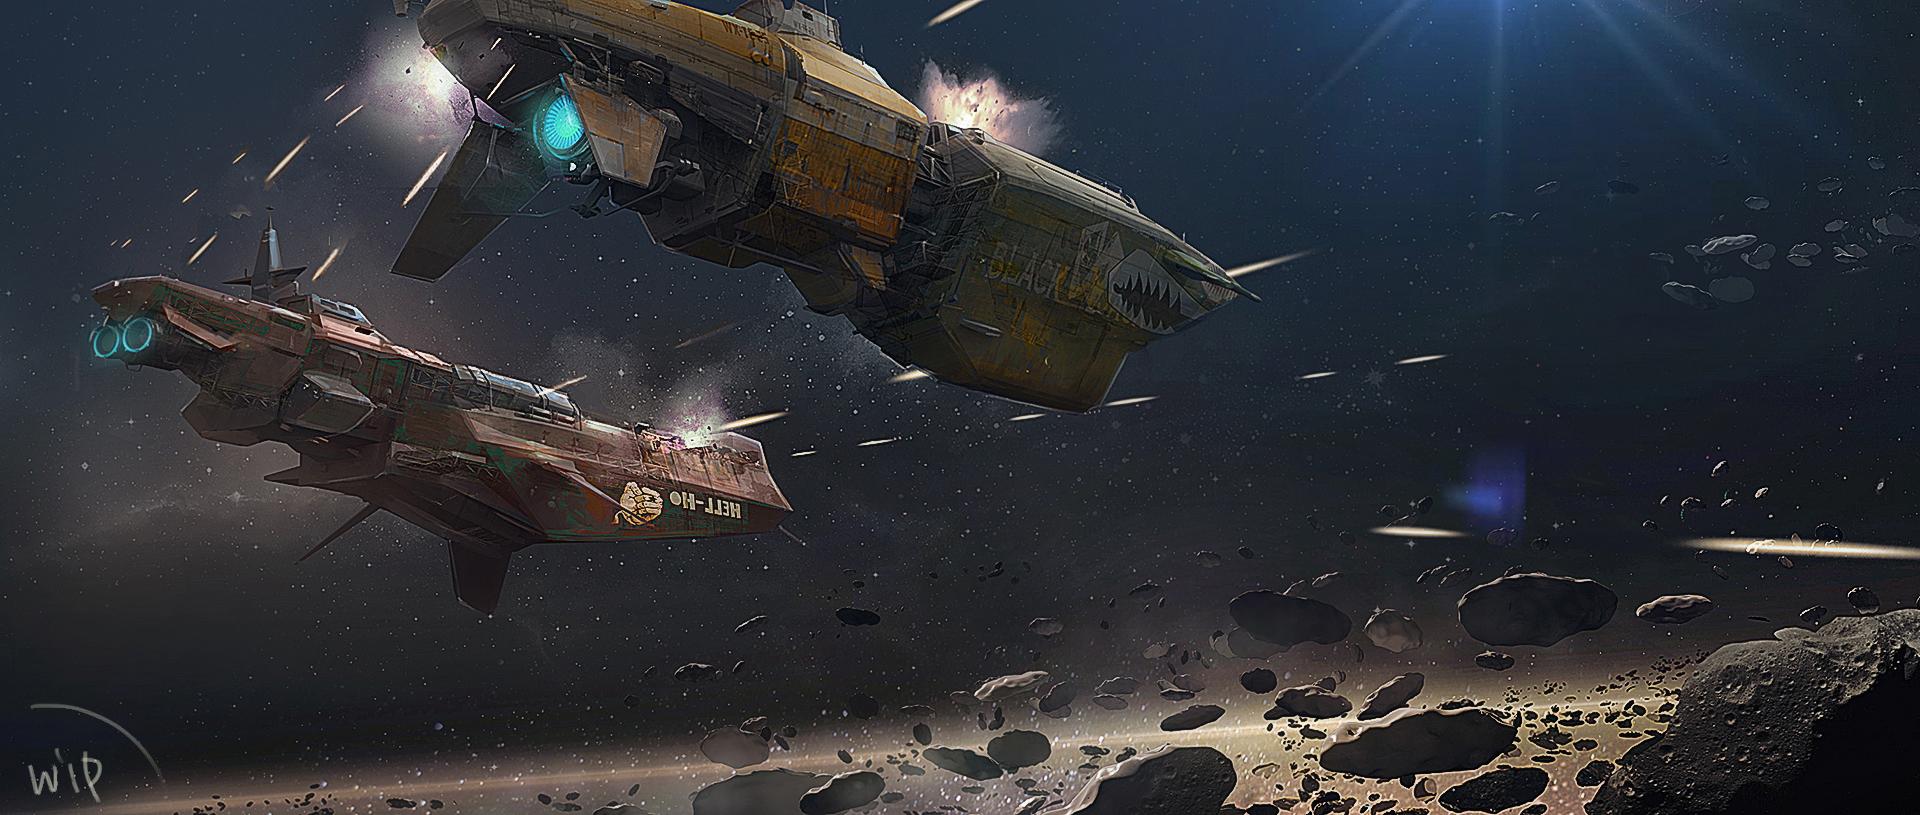 bge2_pack_e3_concept_space_battle